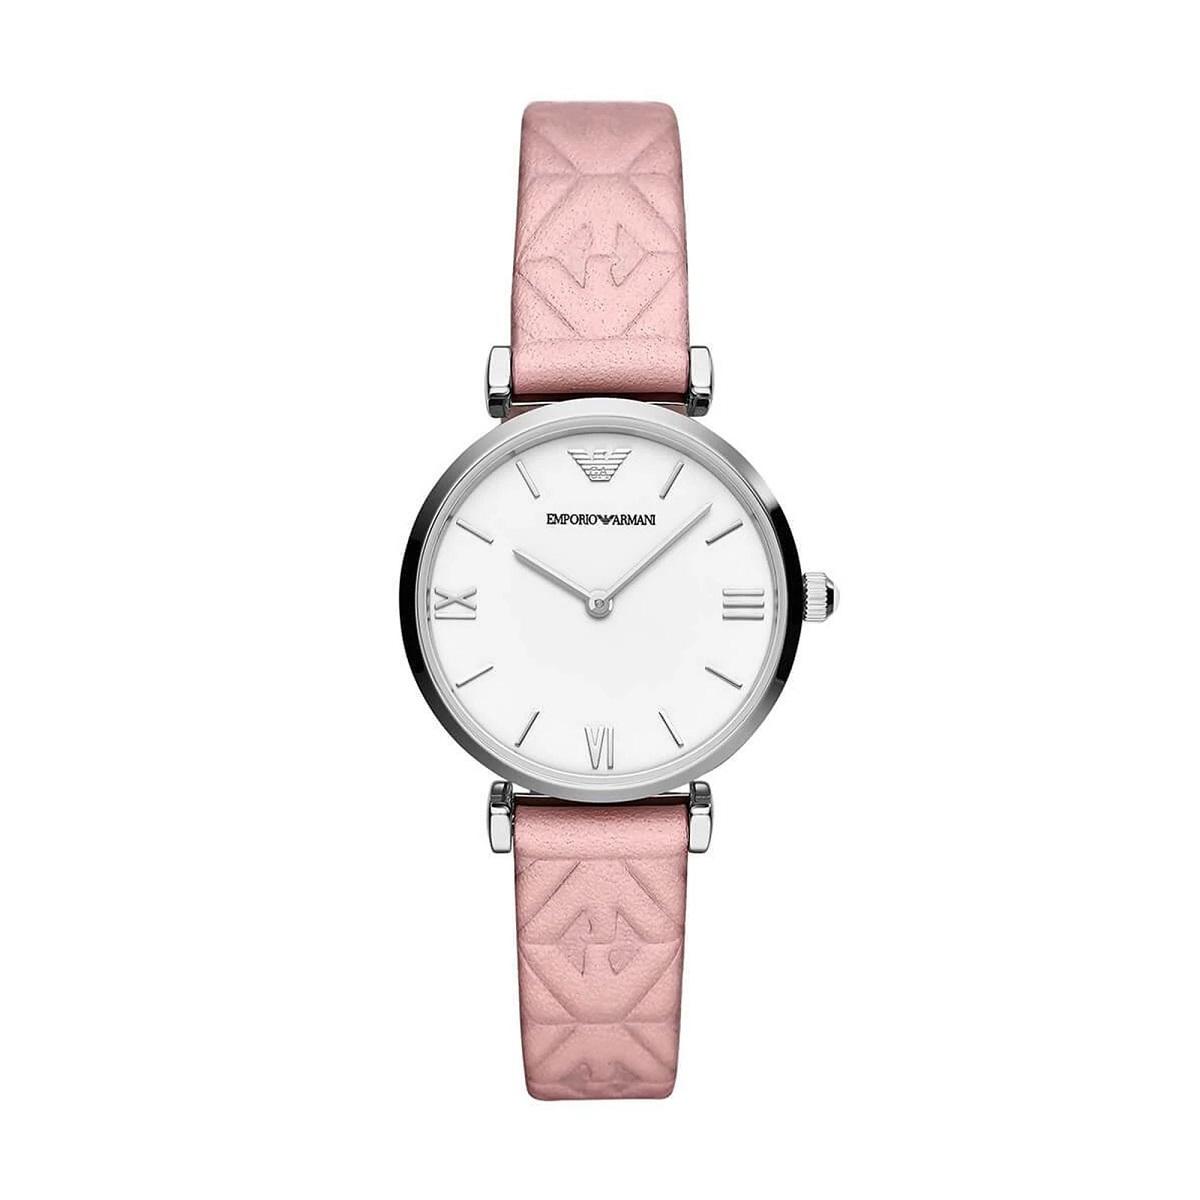 Đồng hồ nữ Emporio Armani AR11205 có mặt kính cứng chịu lực và chống trầy xước. Kiểu máy Quartz, thiết kế hai kim. Đường kính mặt 32 mm, dây da tổng hợp màu hồng, chạm nổi logo Armani. Khả năng chống nước 5 ATM. Sản phẩm có giá giảm 20% còn 5,296 triệu đồng (giá gốc 6,62 triệu đồng).